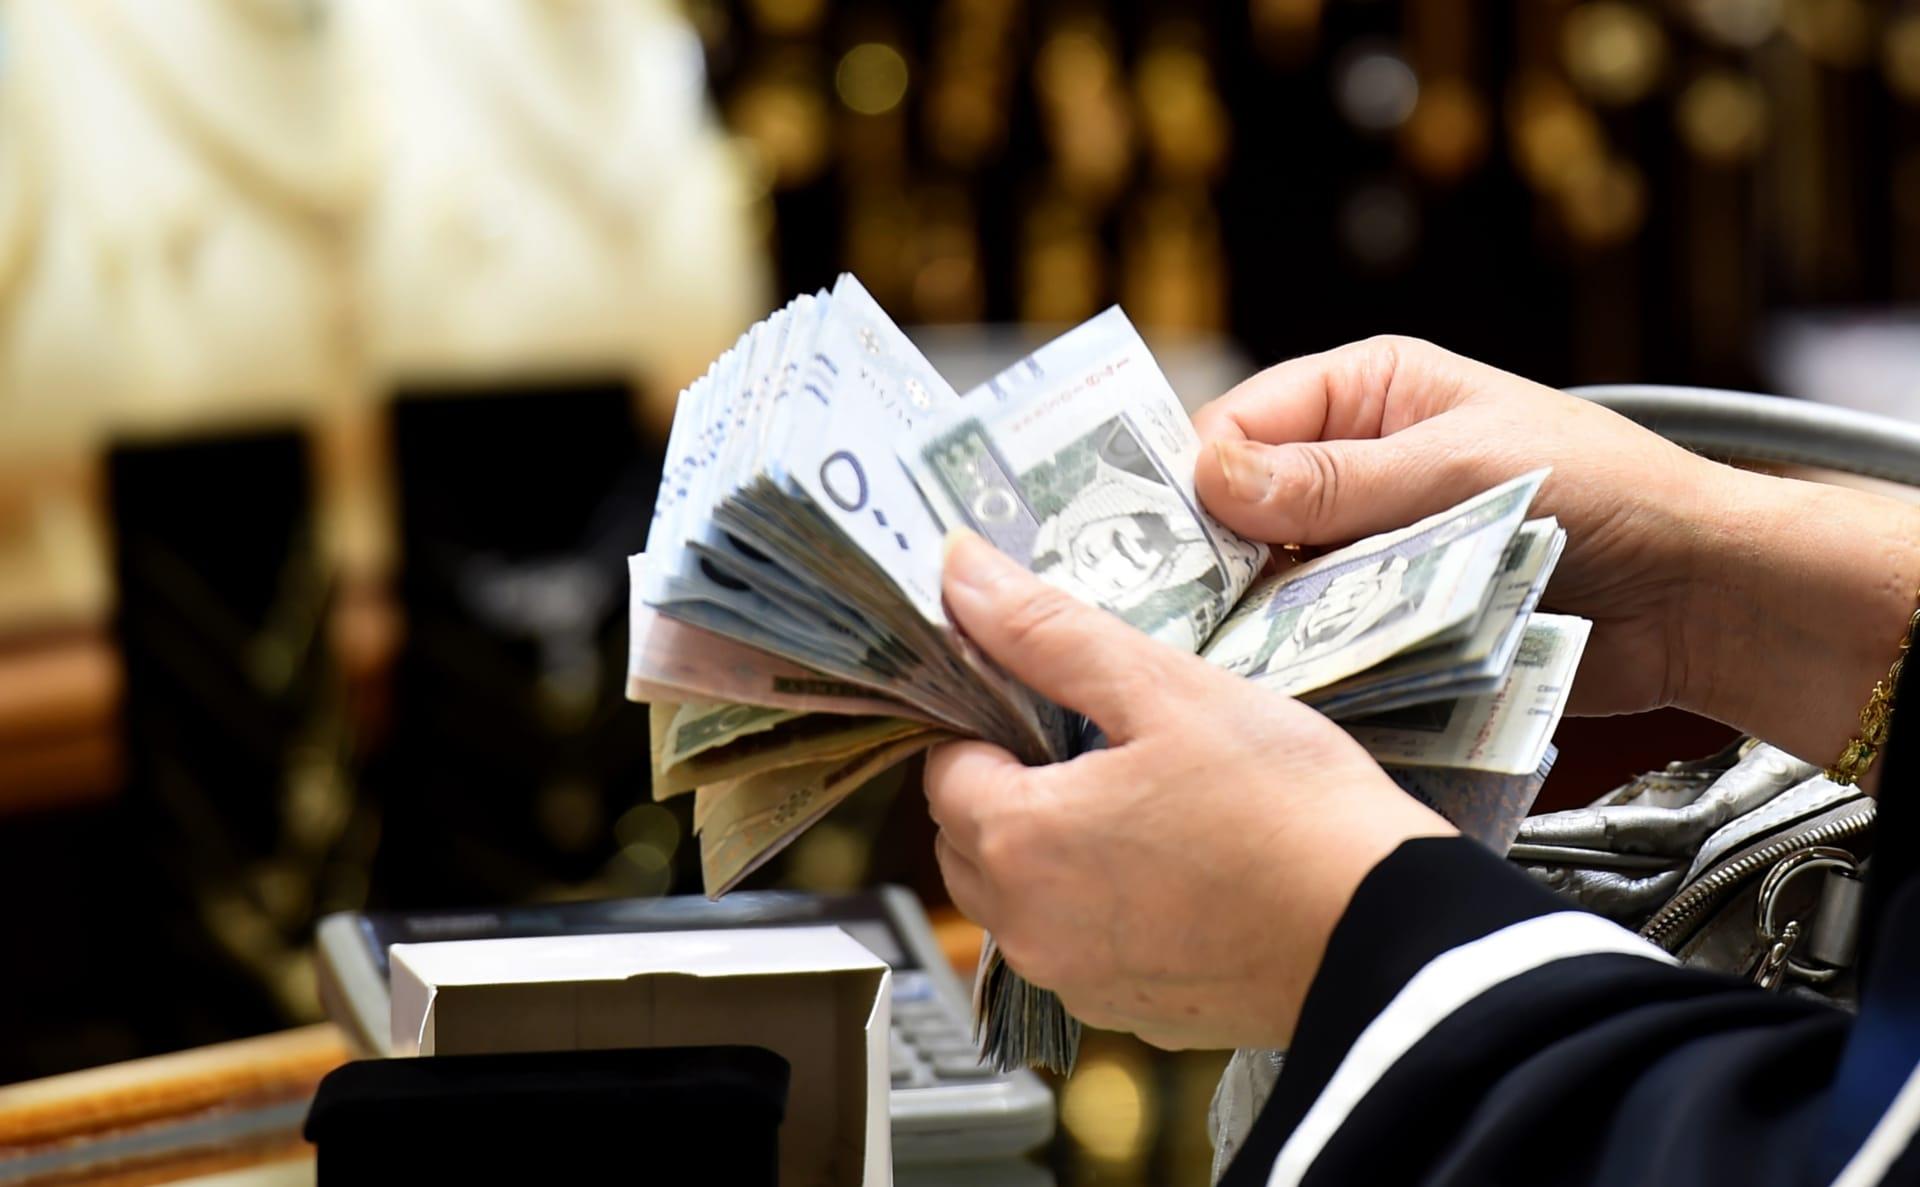 3 دول خلجيجة ترفع أسعار الفائدة.. فماذا عن الثلاثة الأخرى؟